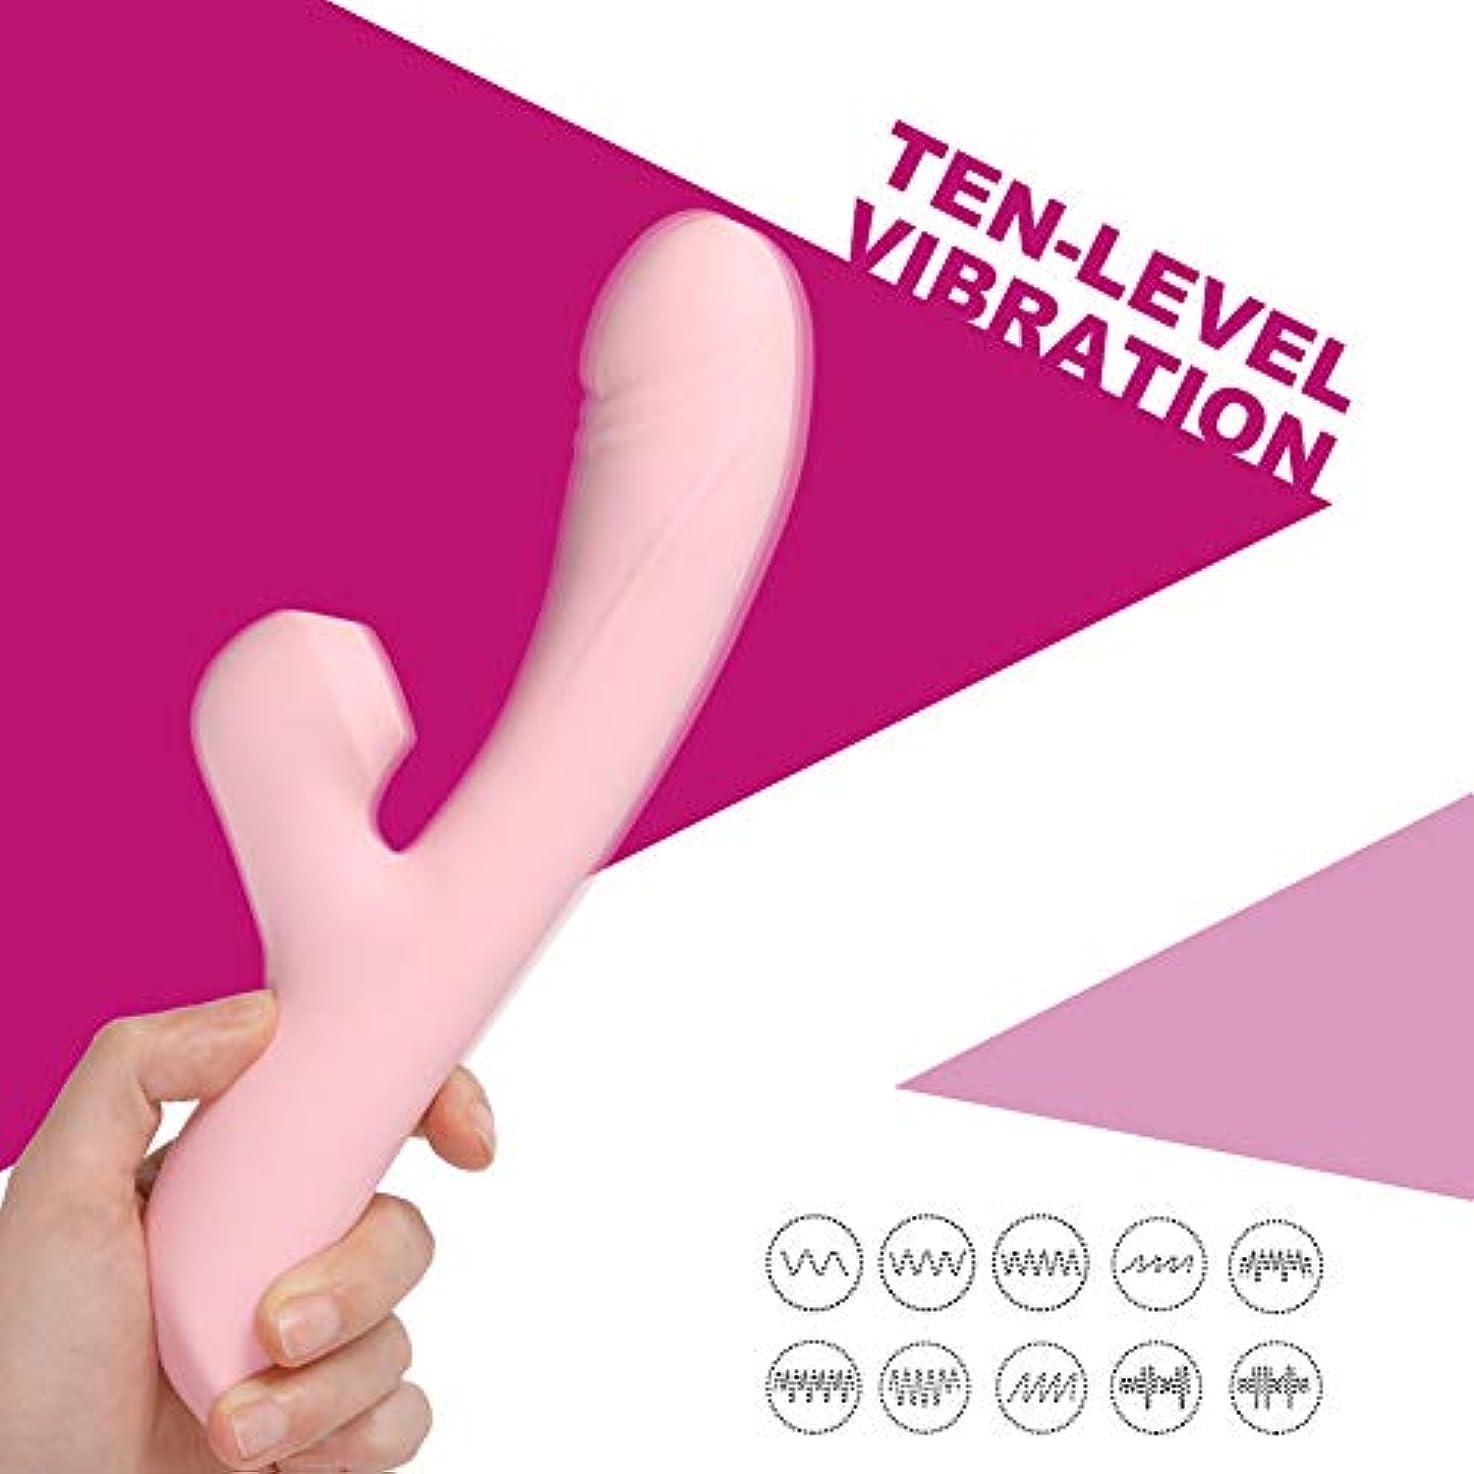 周術期連邦手伝うボディ 人気 バイブレーター 加熱機能 潮吹き 女性 Gスポット 女性マッサージ器 アダルトグッズ (ピンク色)